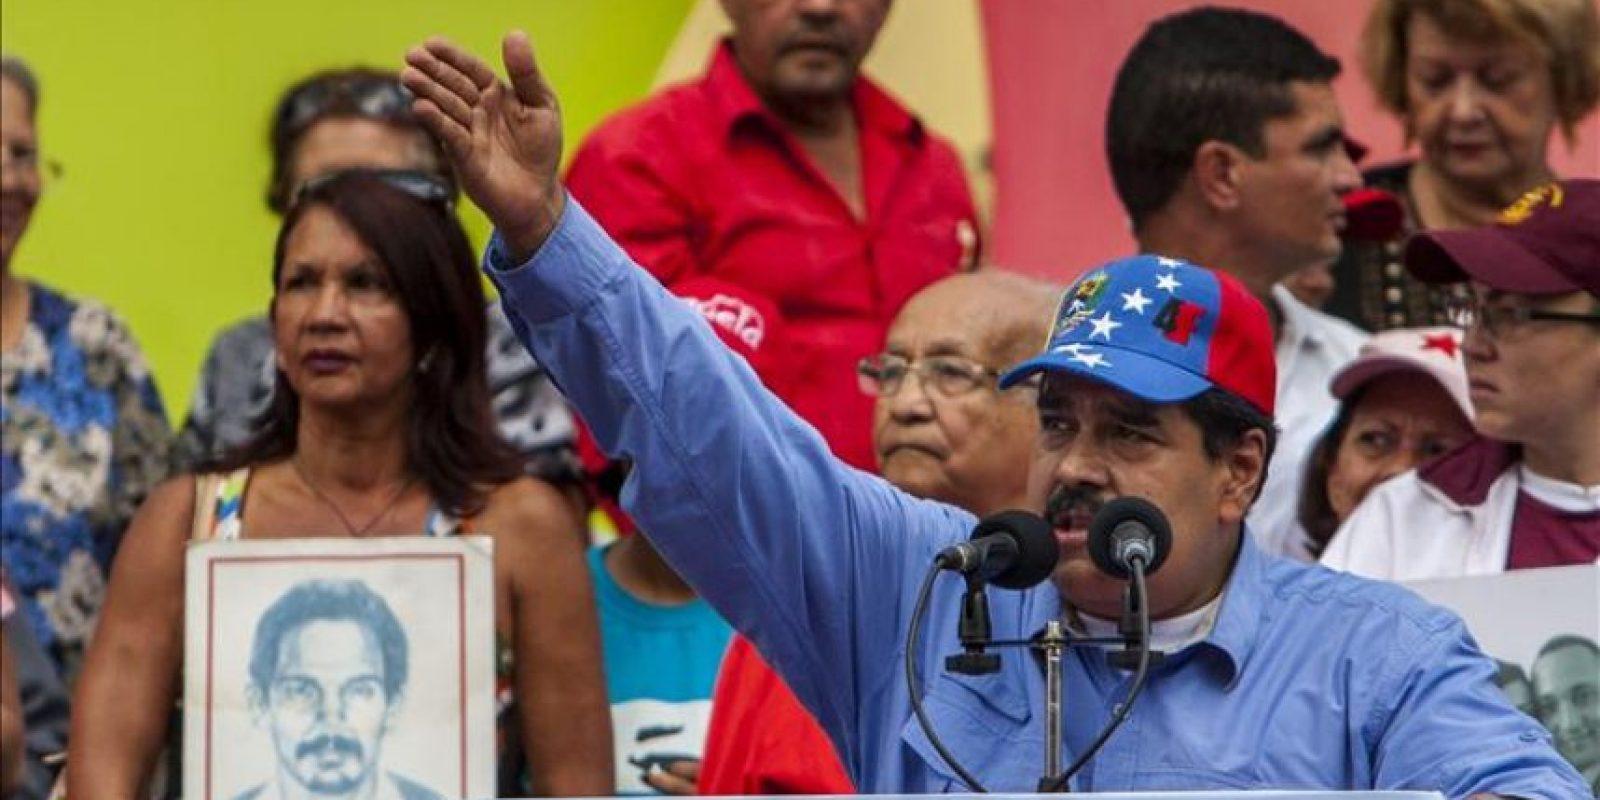 El presidente venezolano, Nicolás Maduro, participa en la celebración del 57 aniversario de la instauración de la democracia en Venezuela hoy, viernes 23 de enero de 2015, en Caracas (Venezuela). EFE